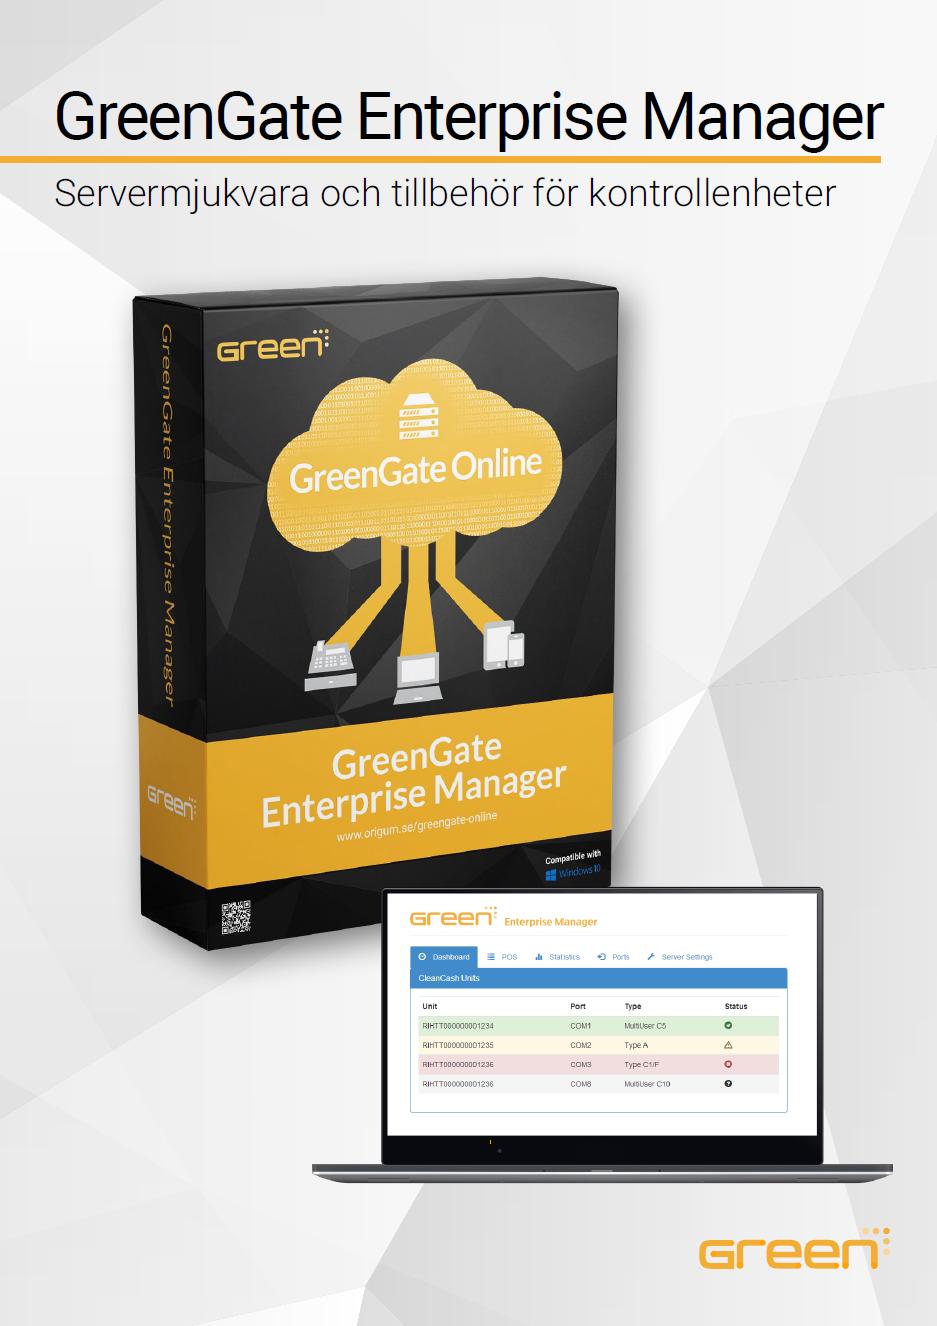 GreenGate Enterprise Manager datablad